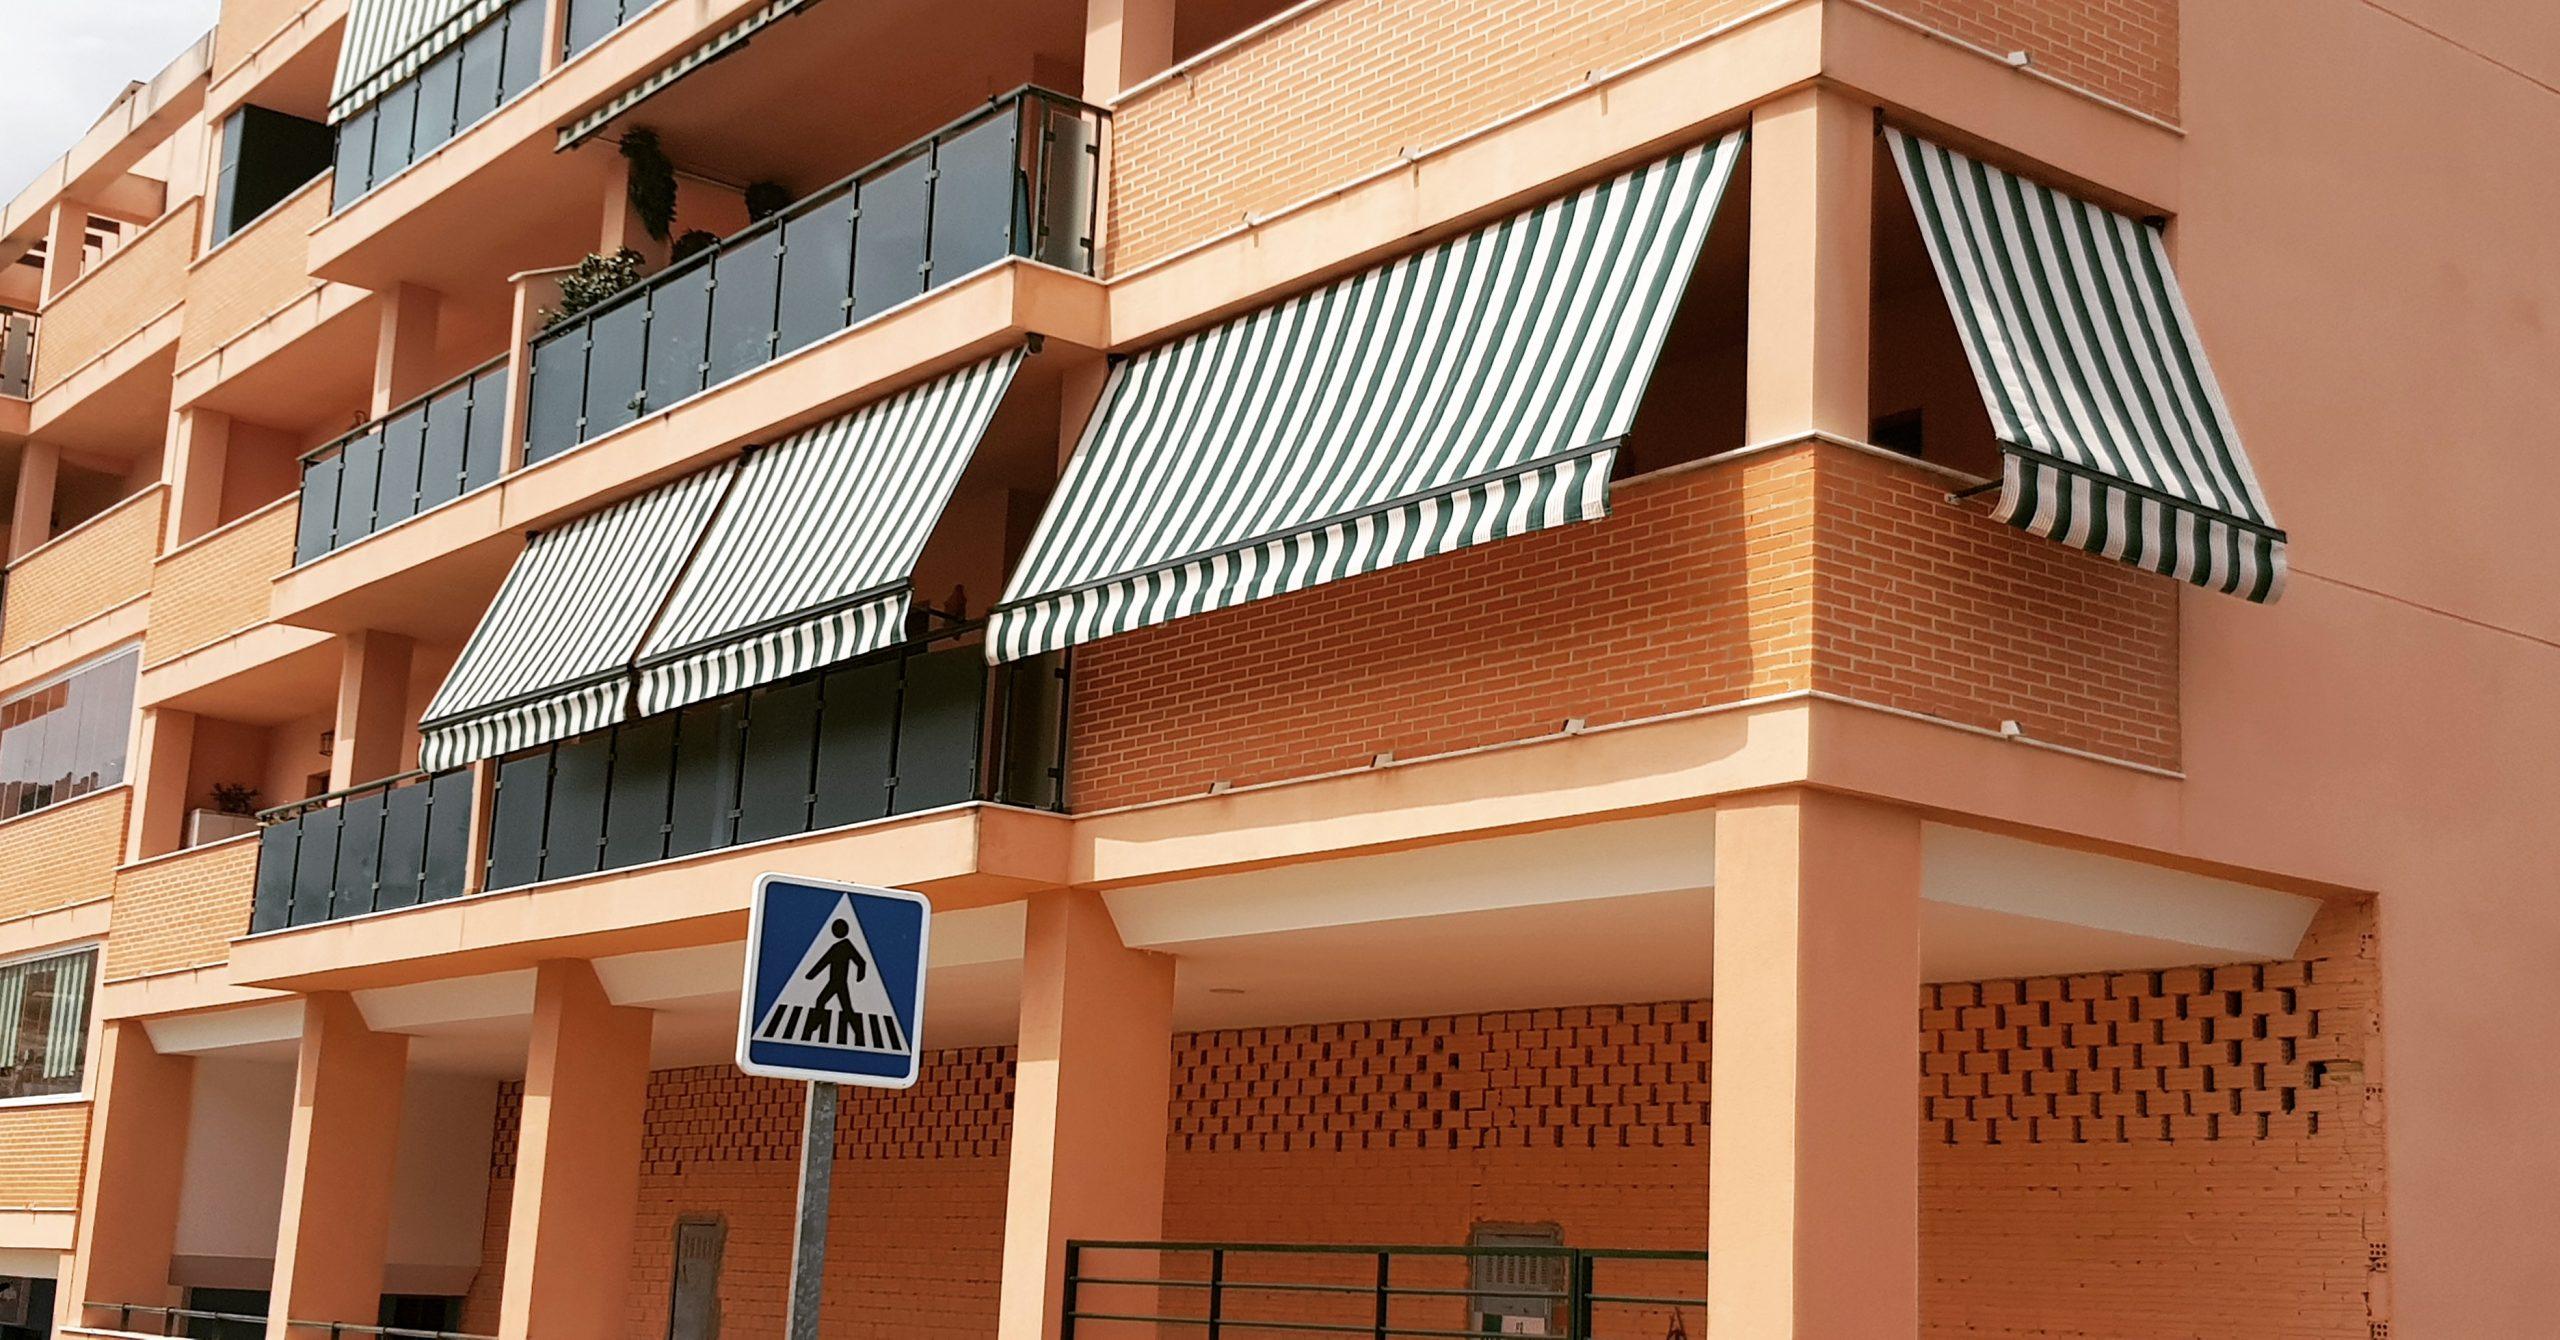 Instalador de Toldos en Córdoba - Velarso Toldos